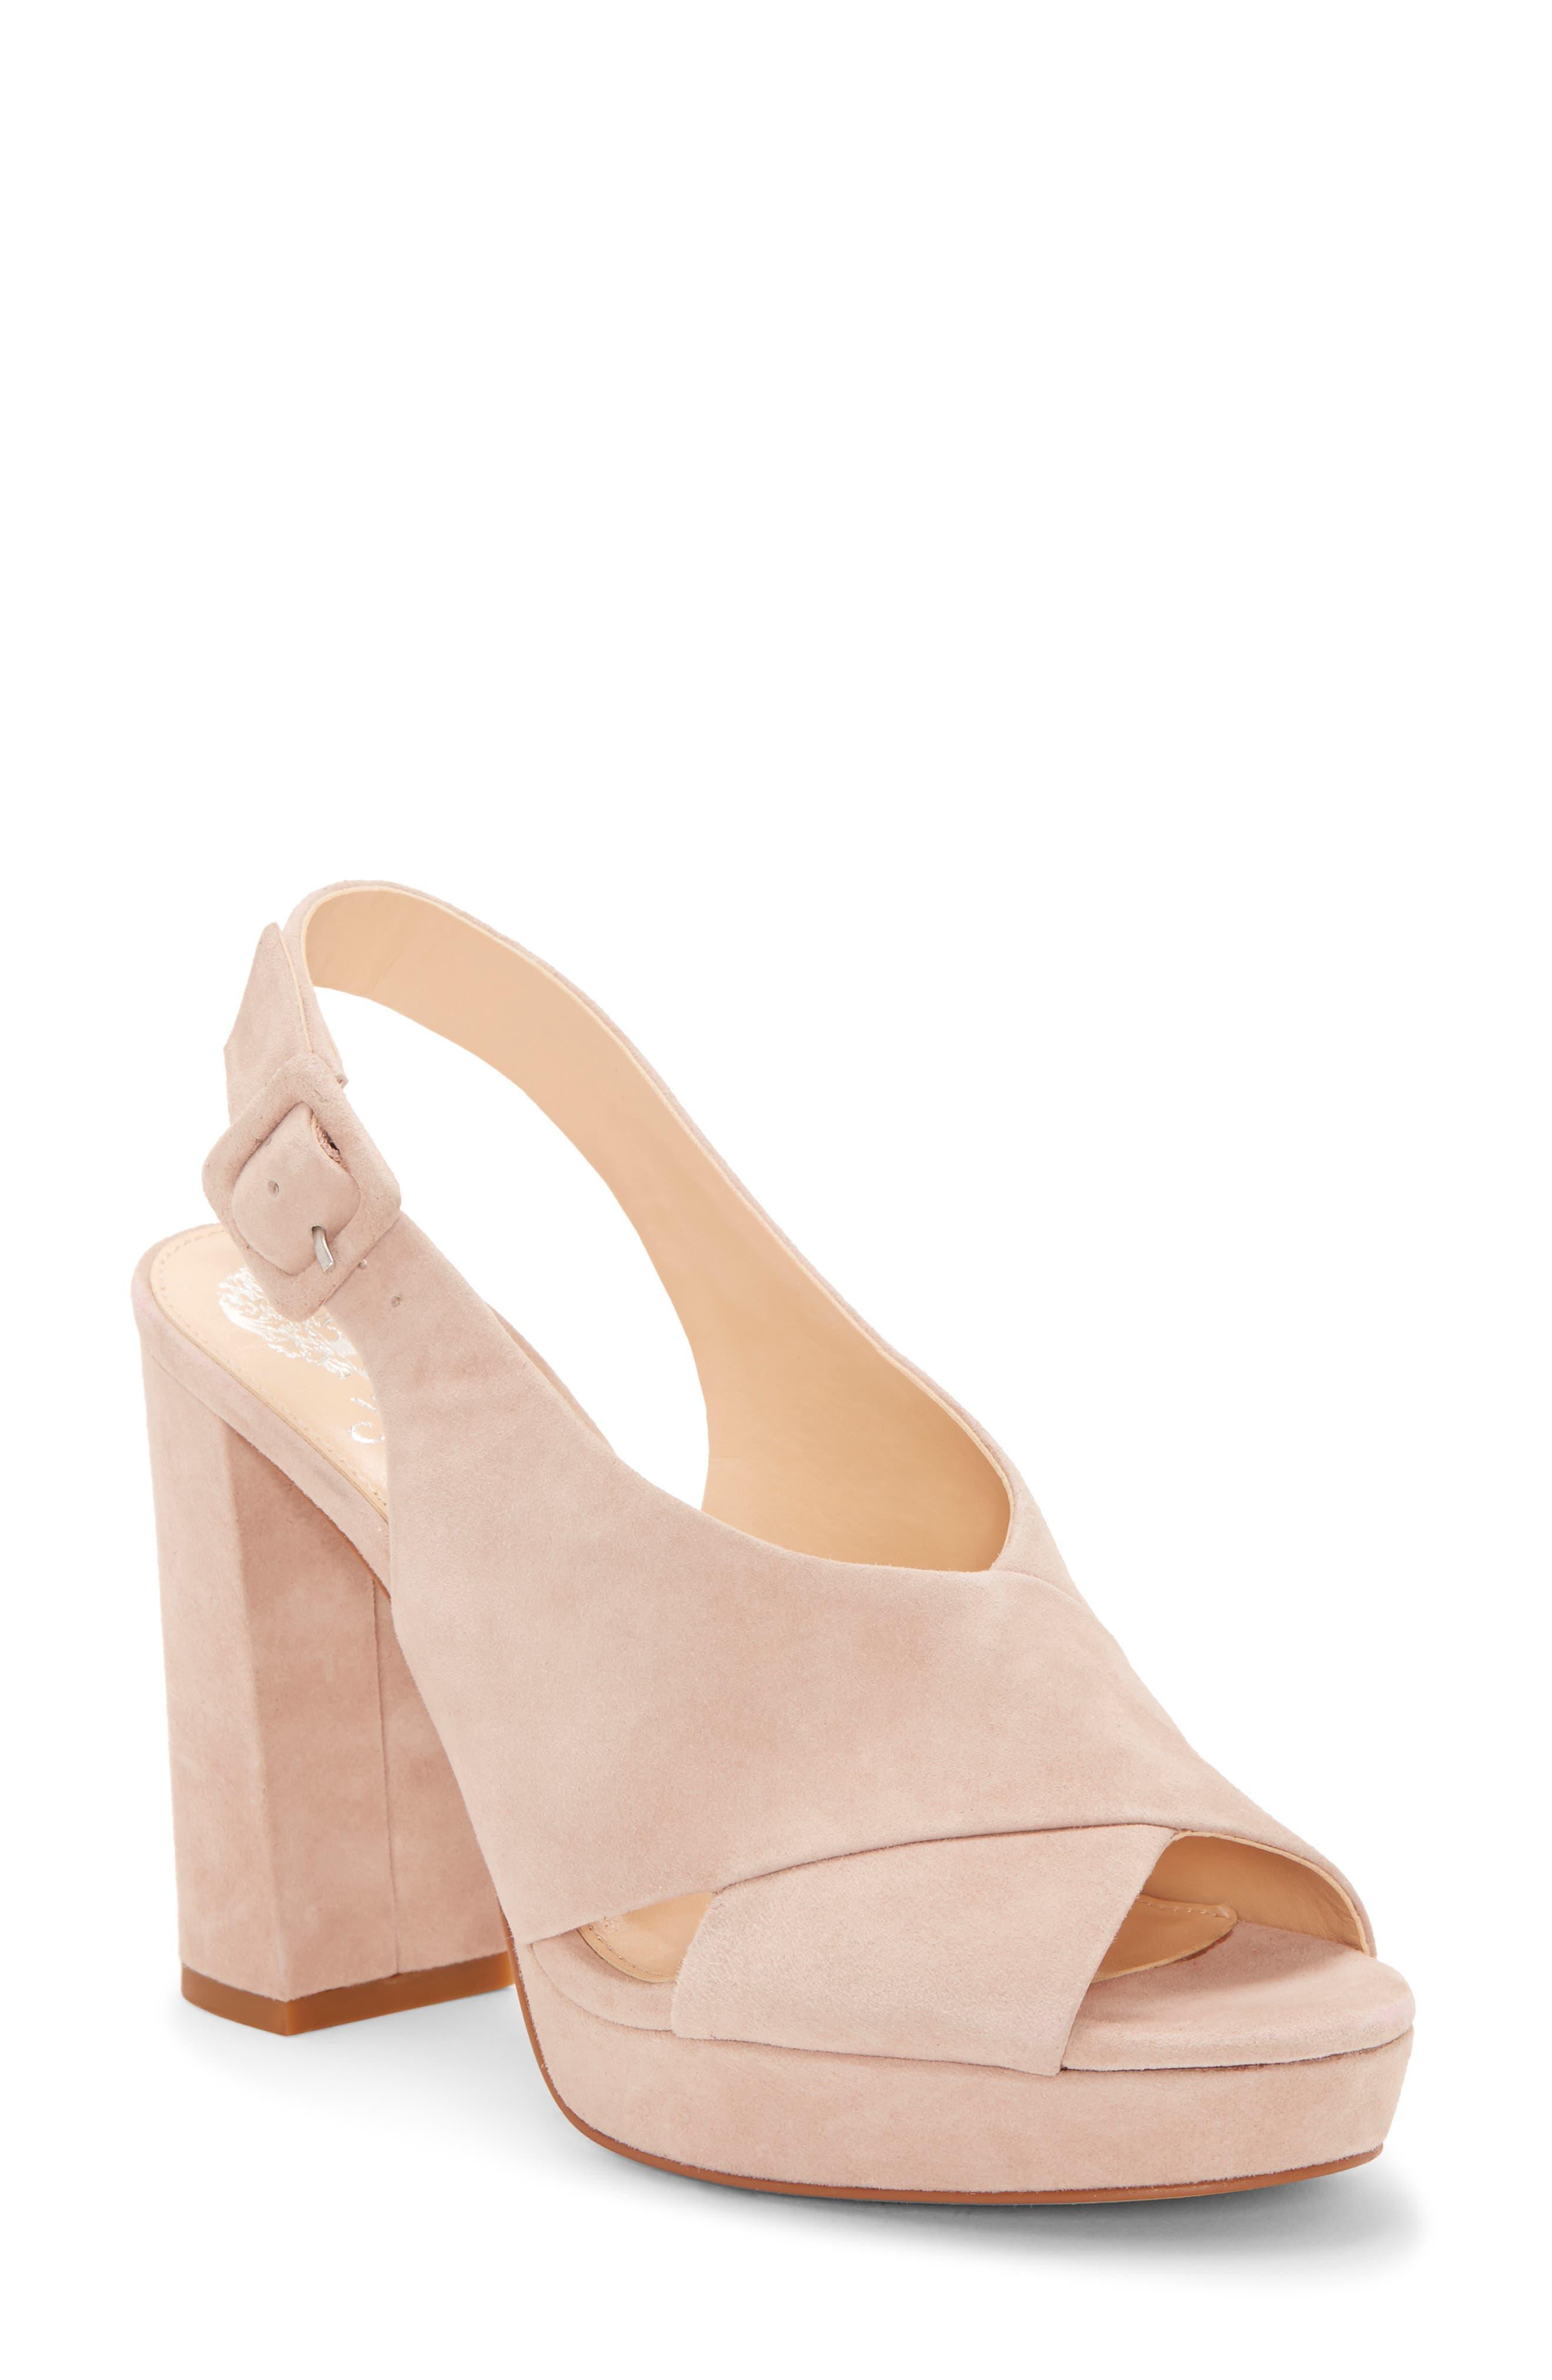 Vince Camuto Slingback Platform Sandal, Beige